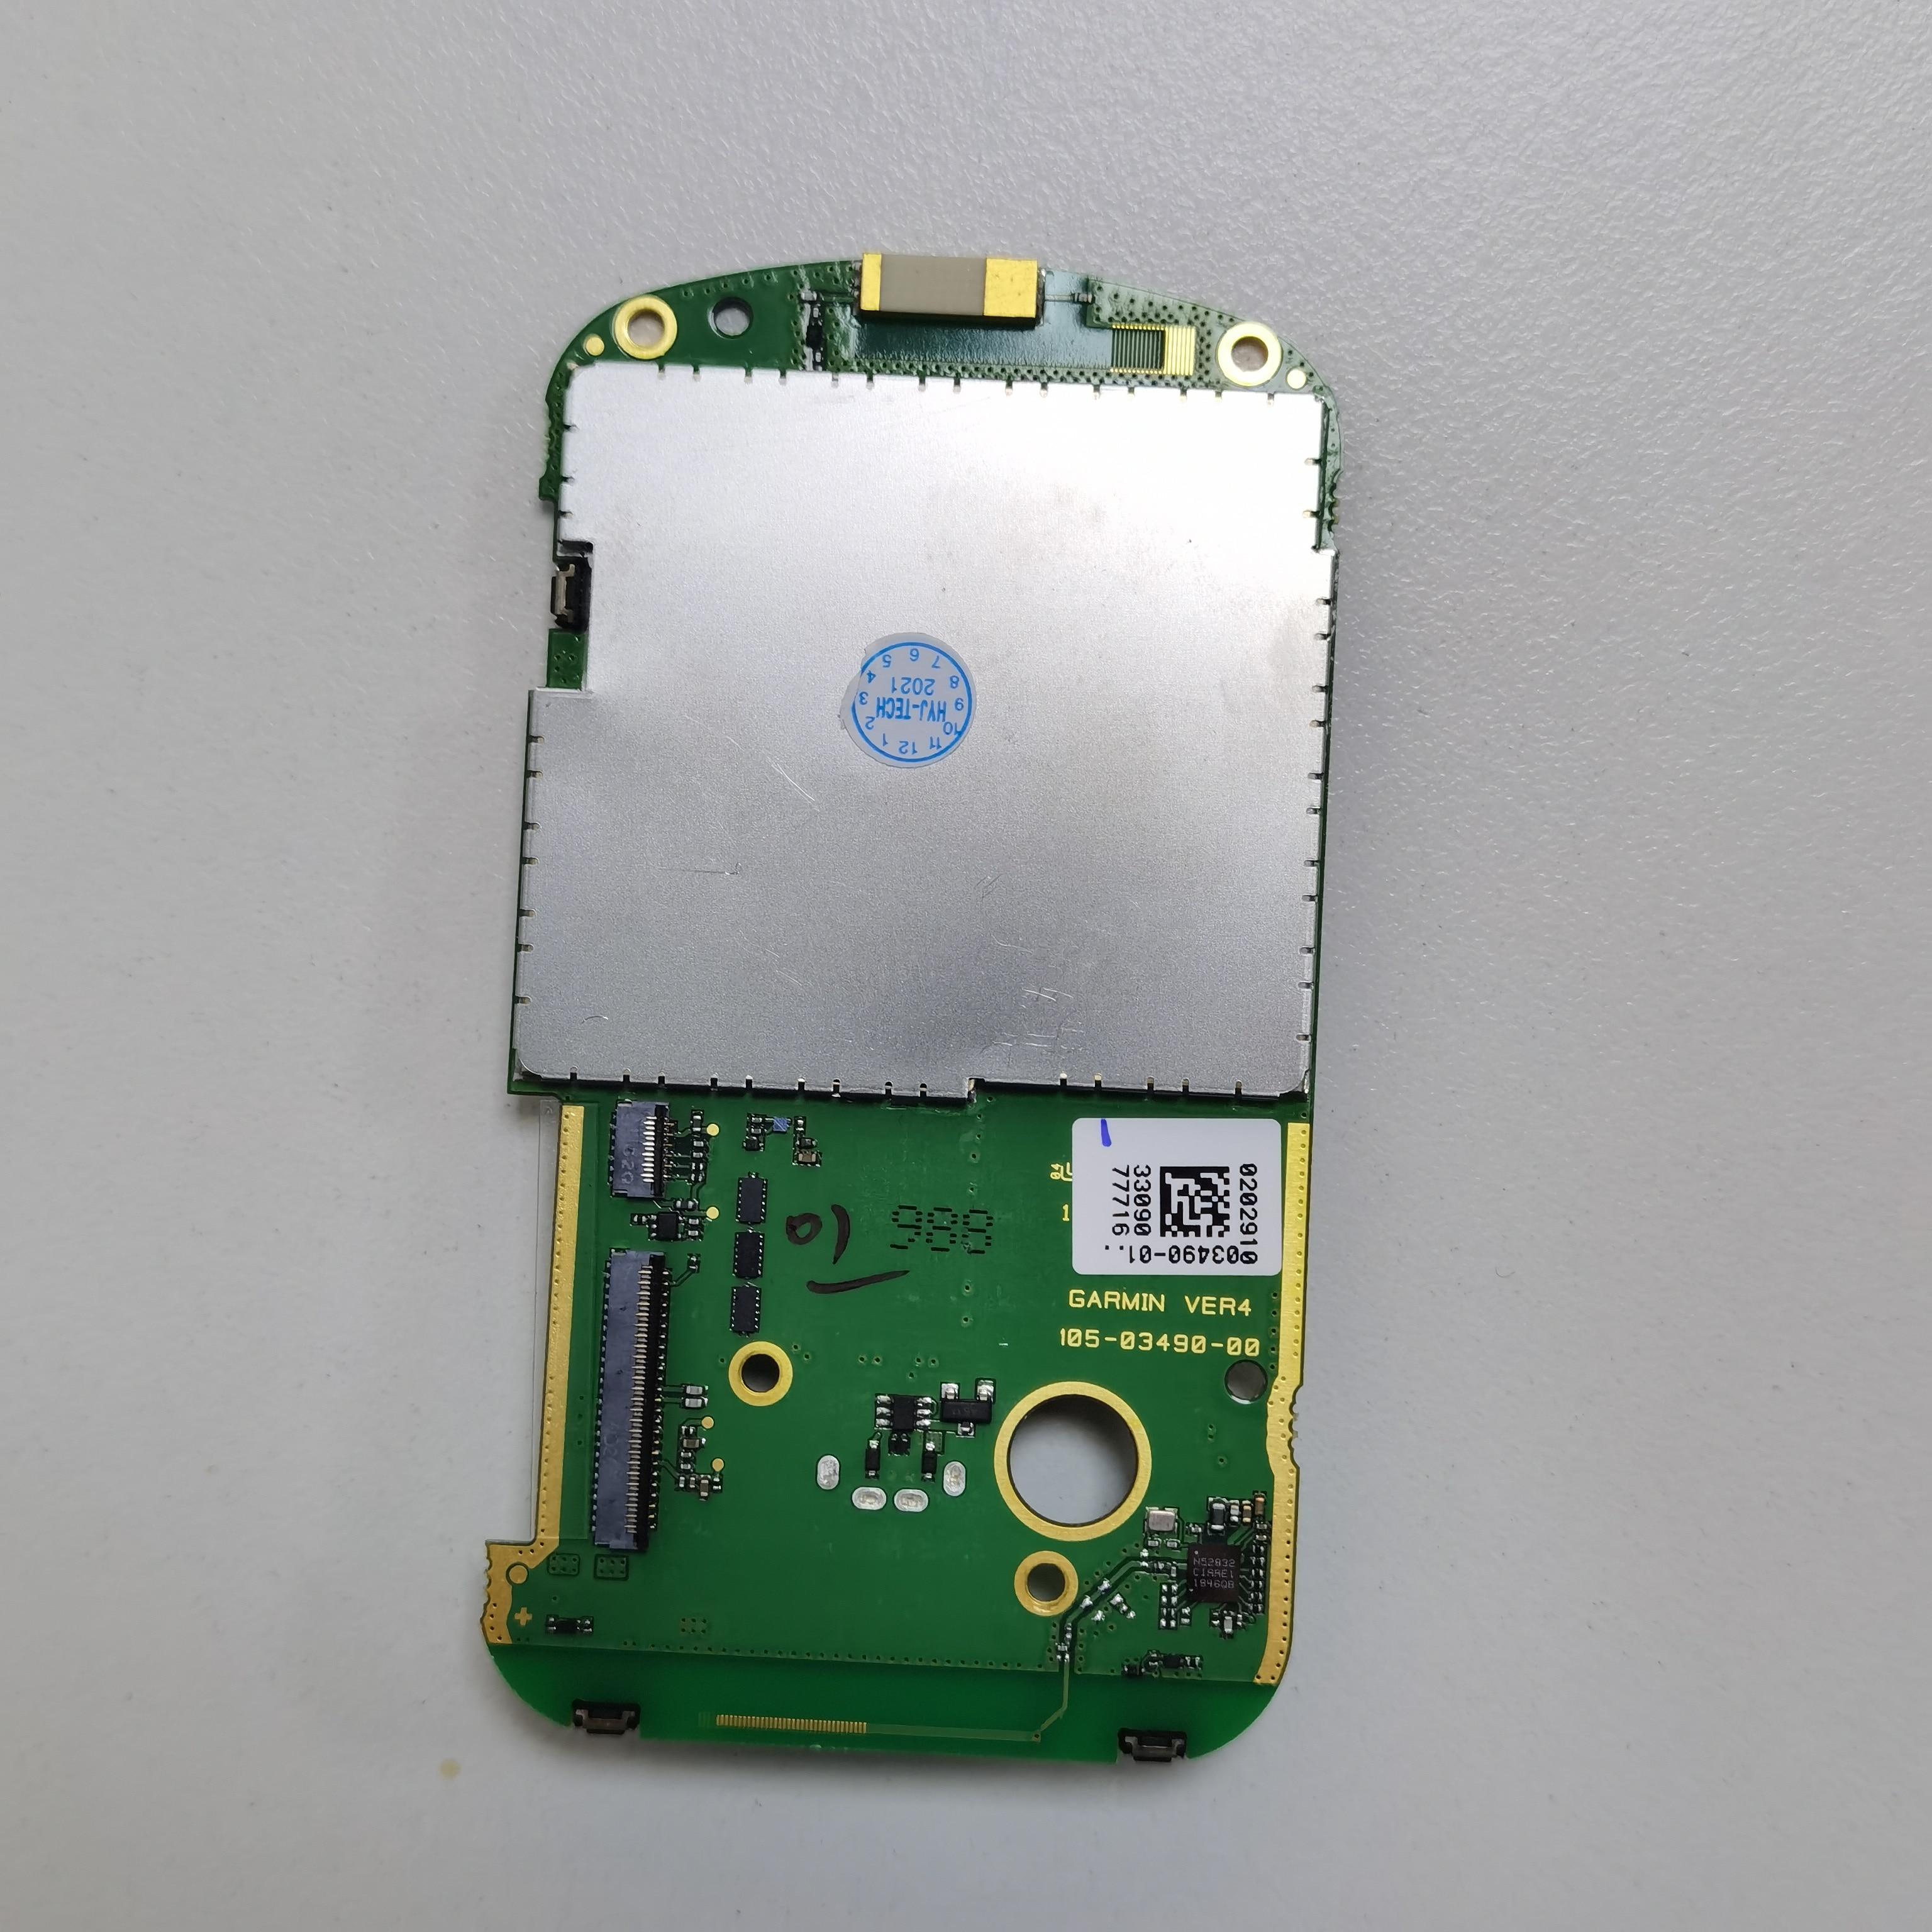 الأصلي غارمين حافة إكسبلورر PCB اللوحة الرئيسية ل غارمين حافة اكسبلورر لوحة دارات مطبوعة استبدال أجزاء